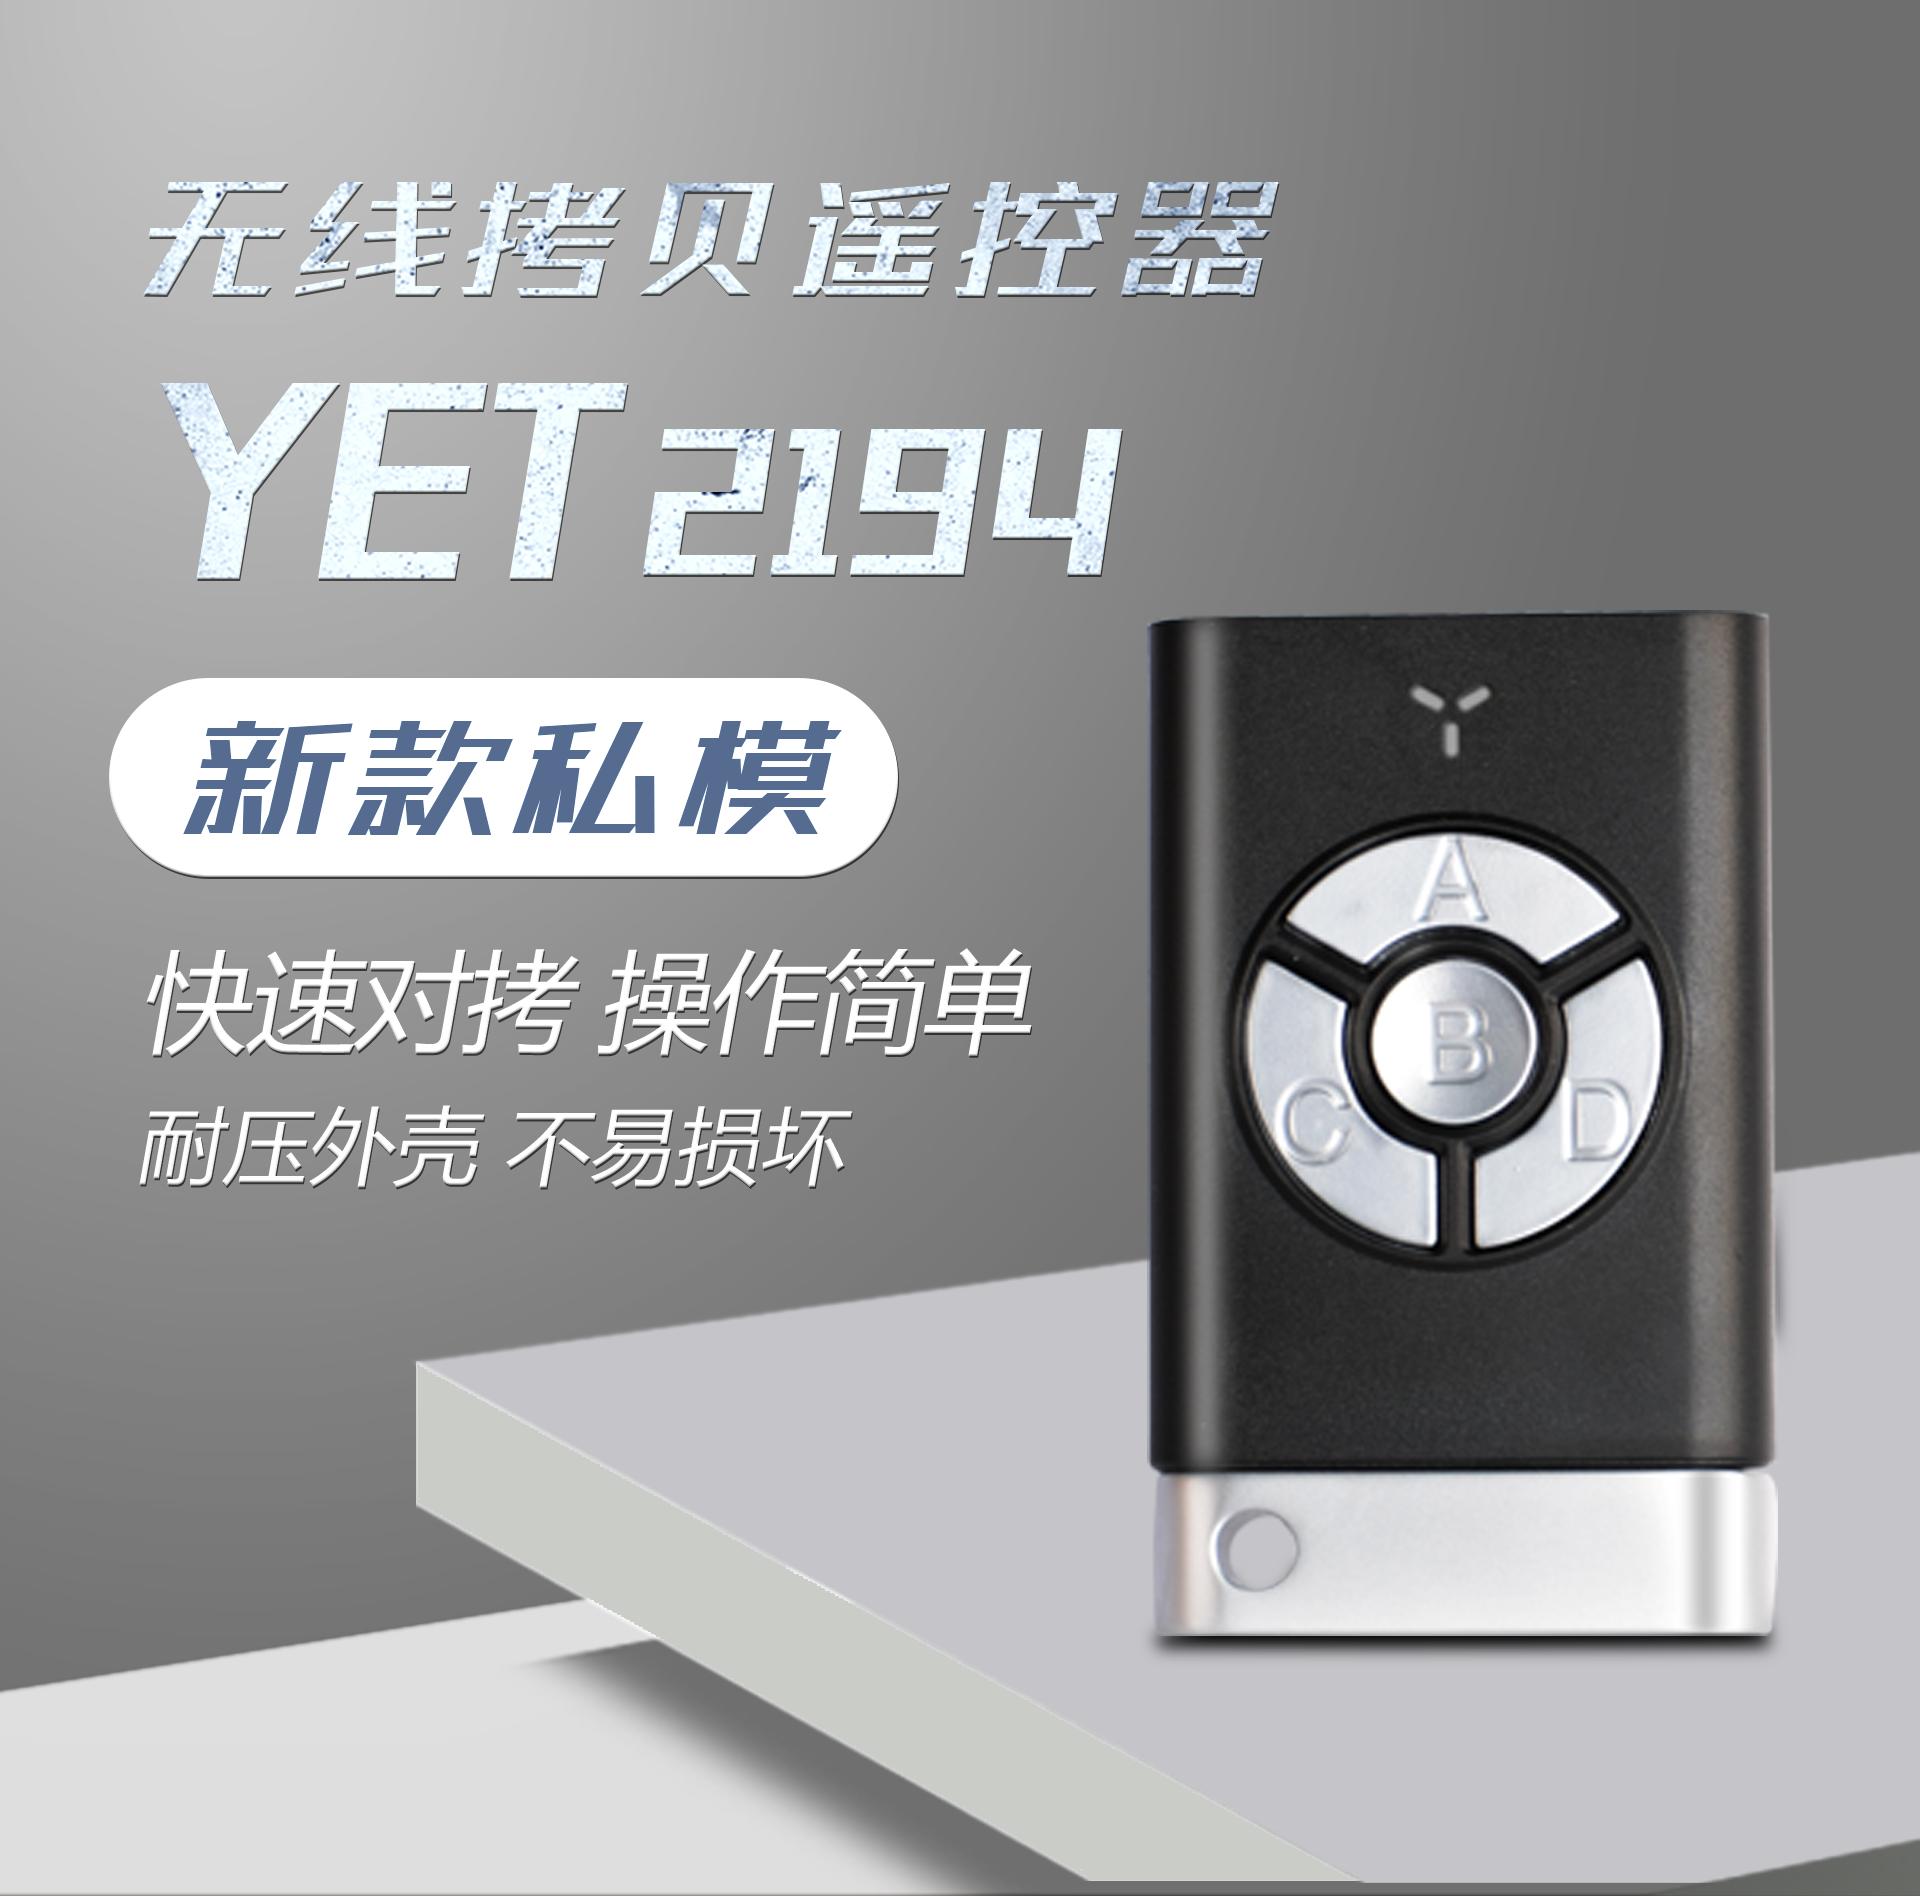 新款私模无线遥控器 学习门禁手柄遥控器